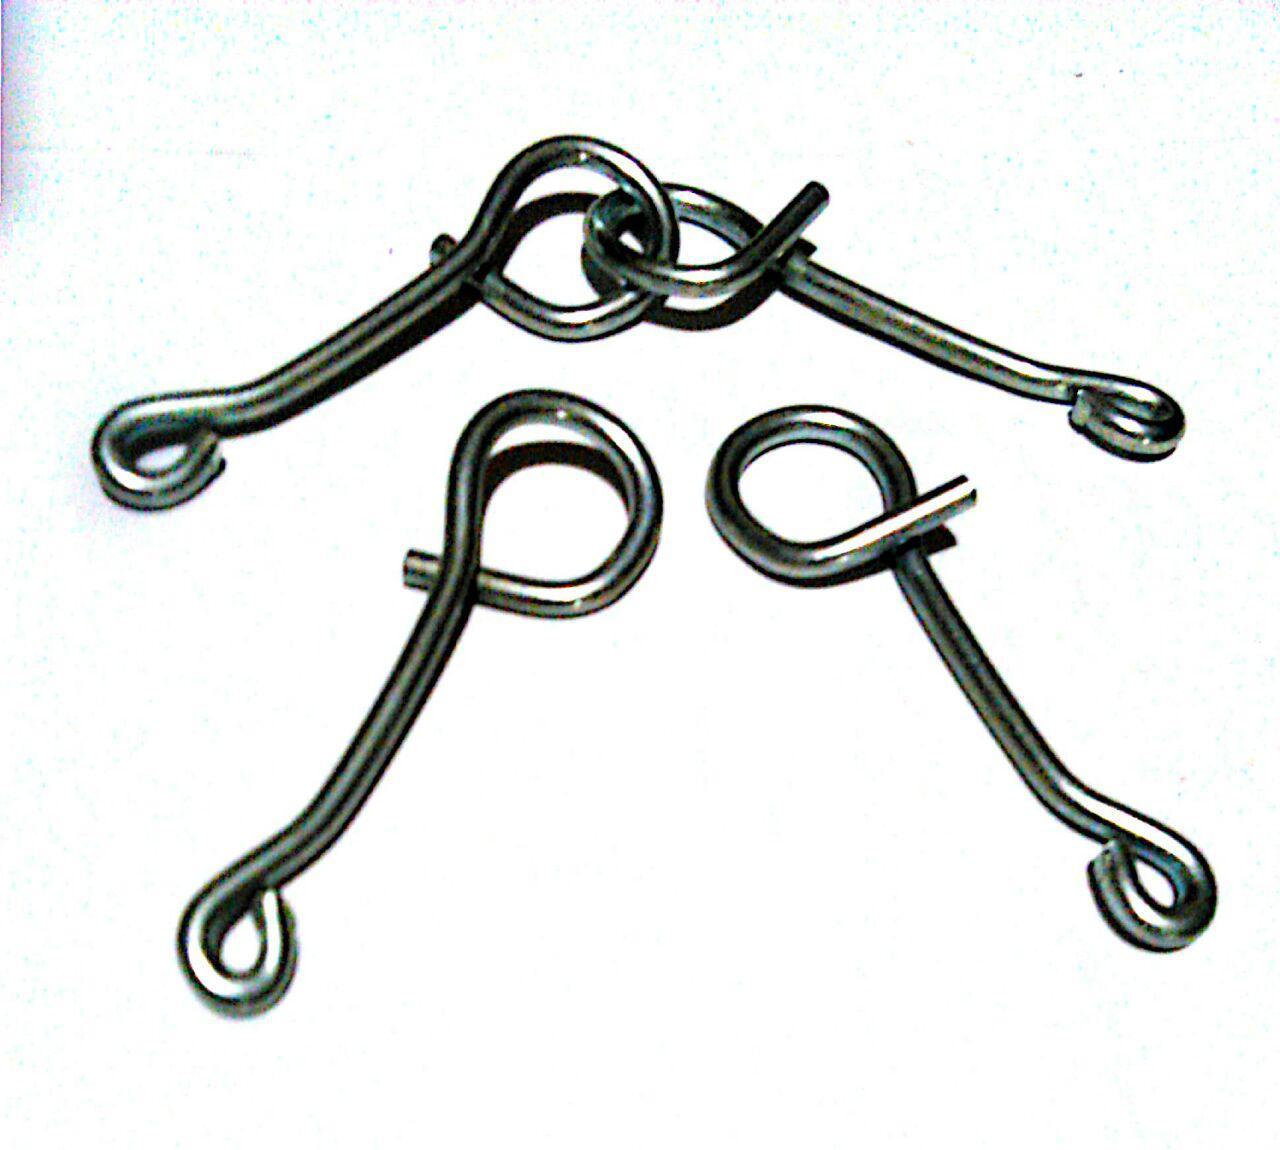 گره فلزی پاپیون-بدون بسته بندی تکی ودرجعبه۶۰عددی برای فروش مغازه-جایزه